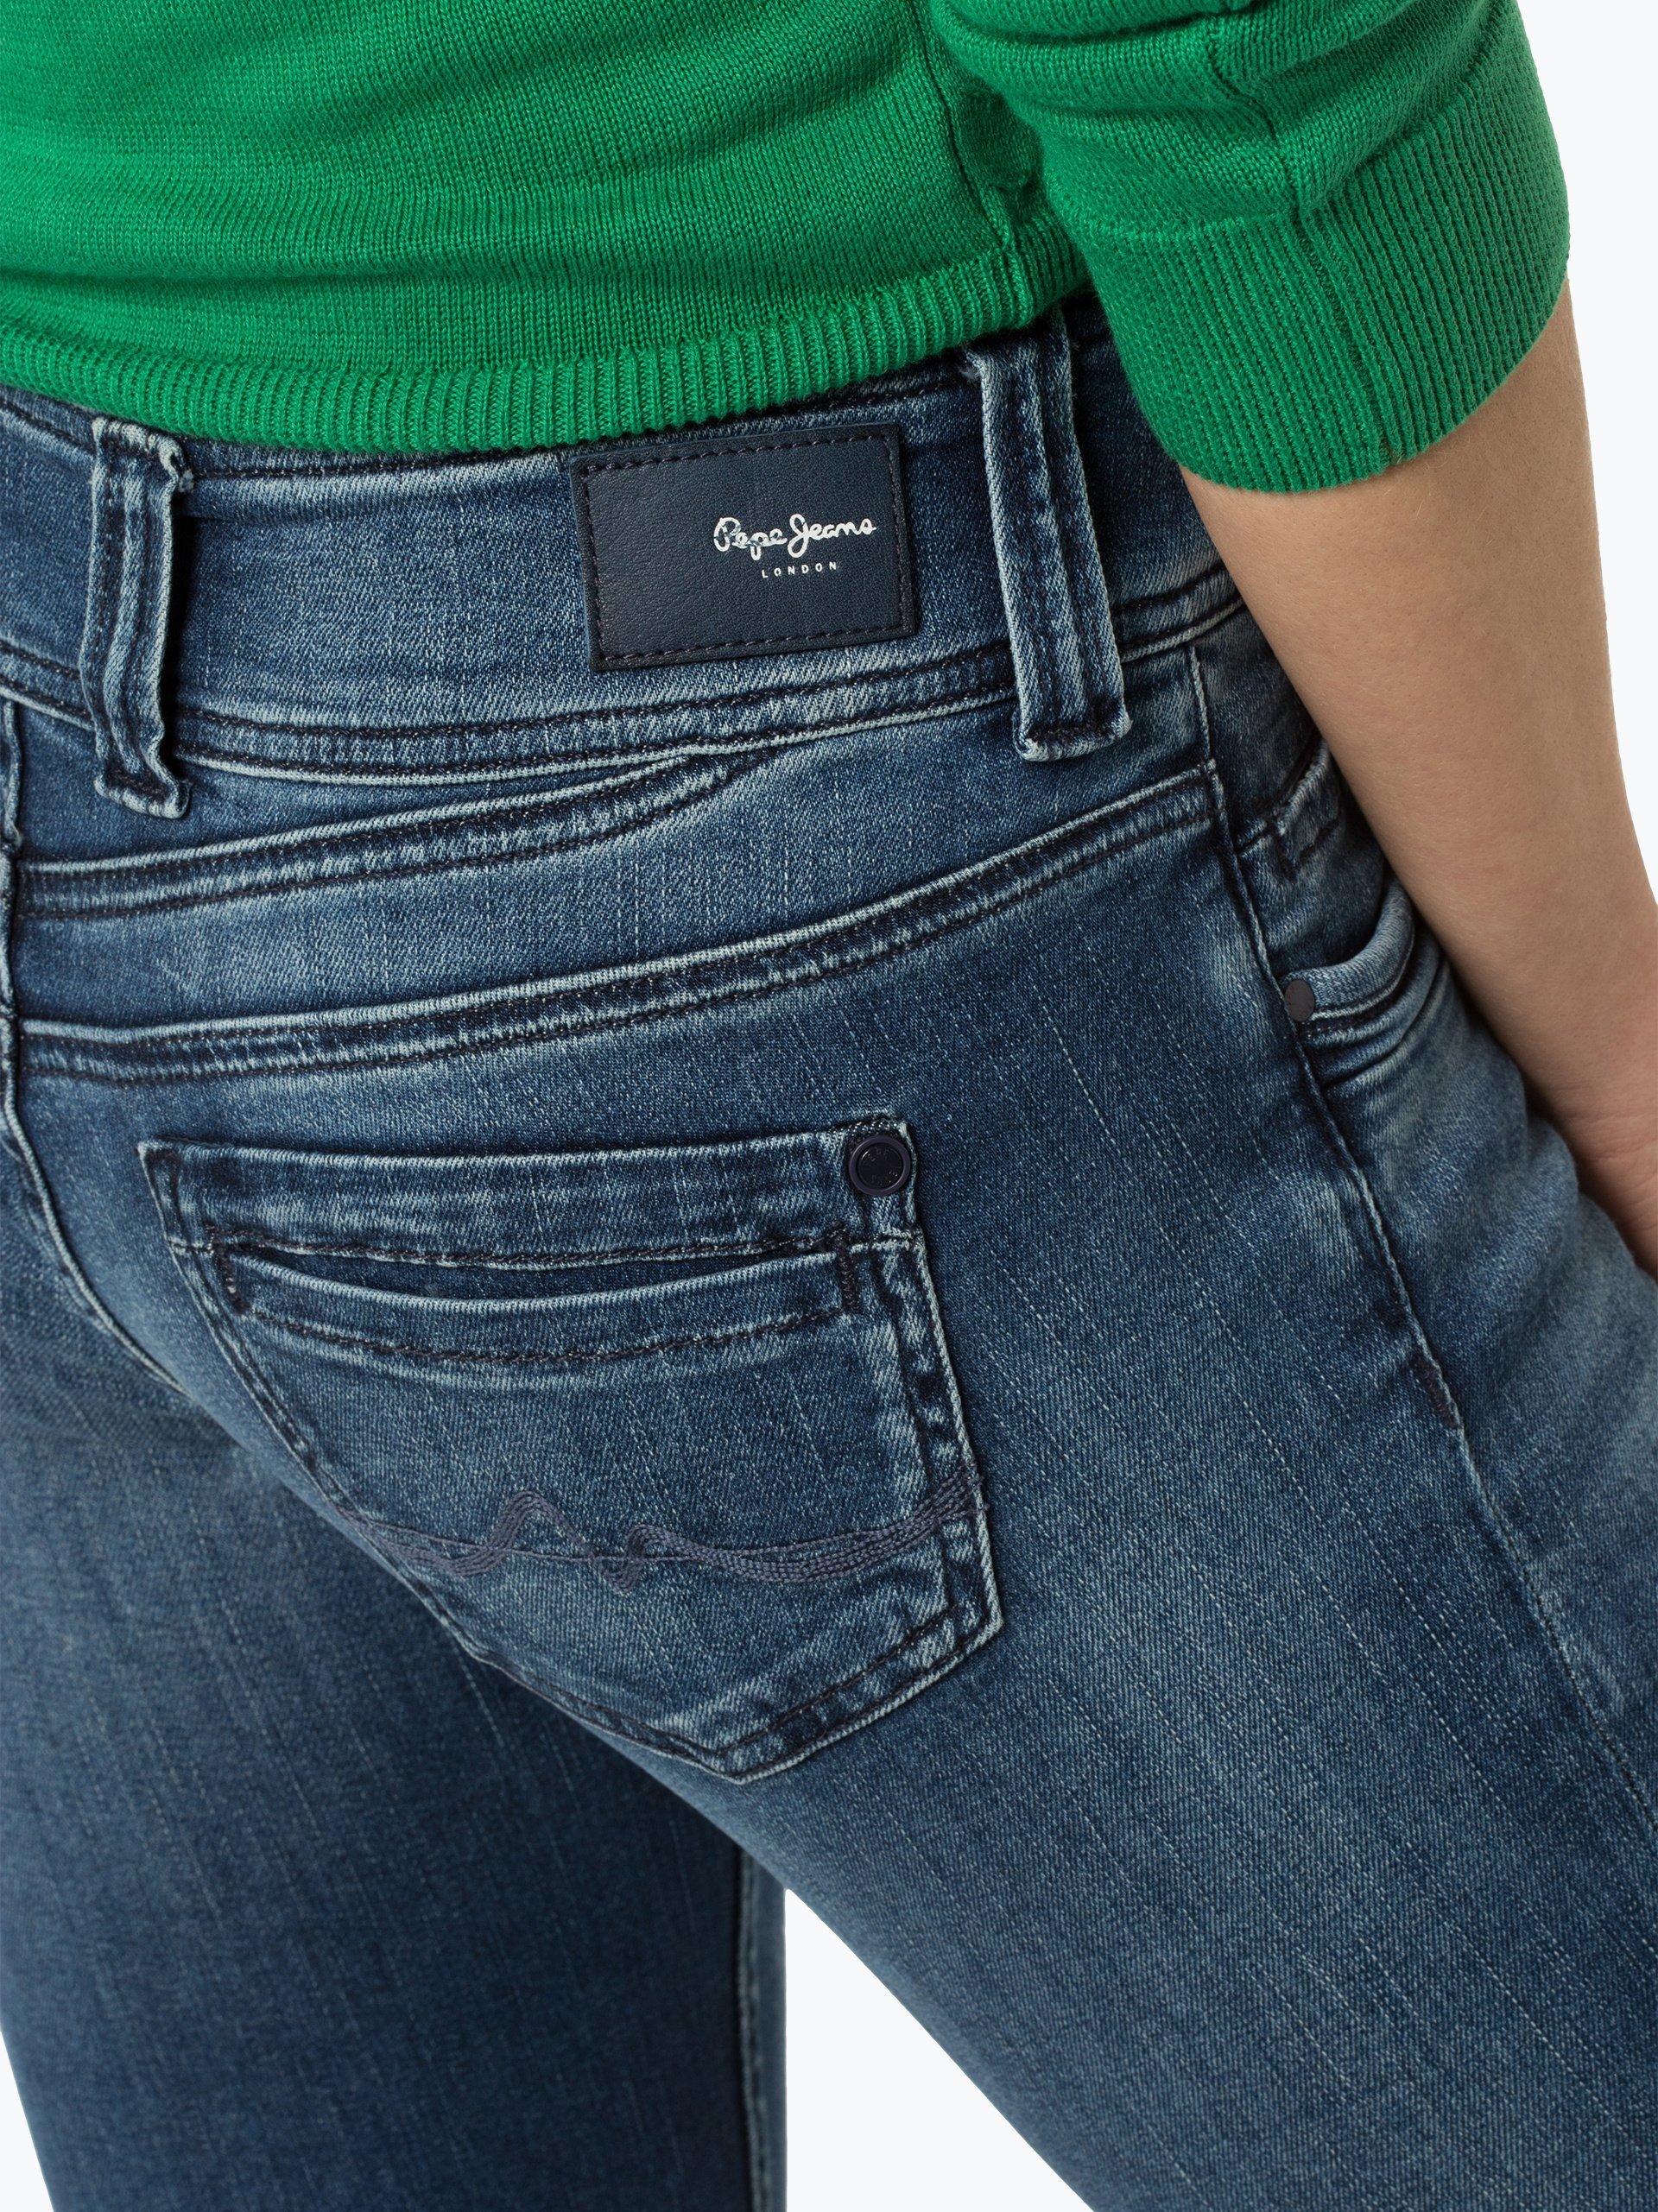 Pepe Jeans Damen Jeans - Gen